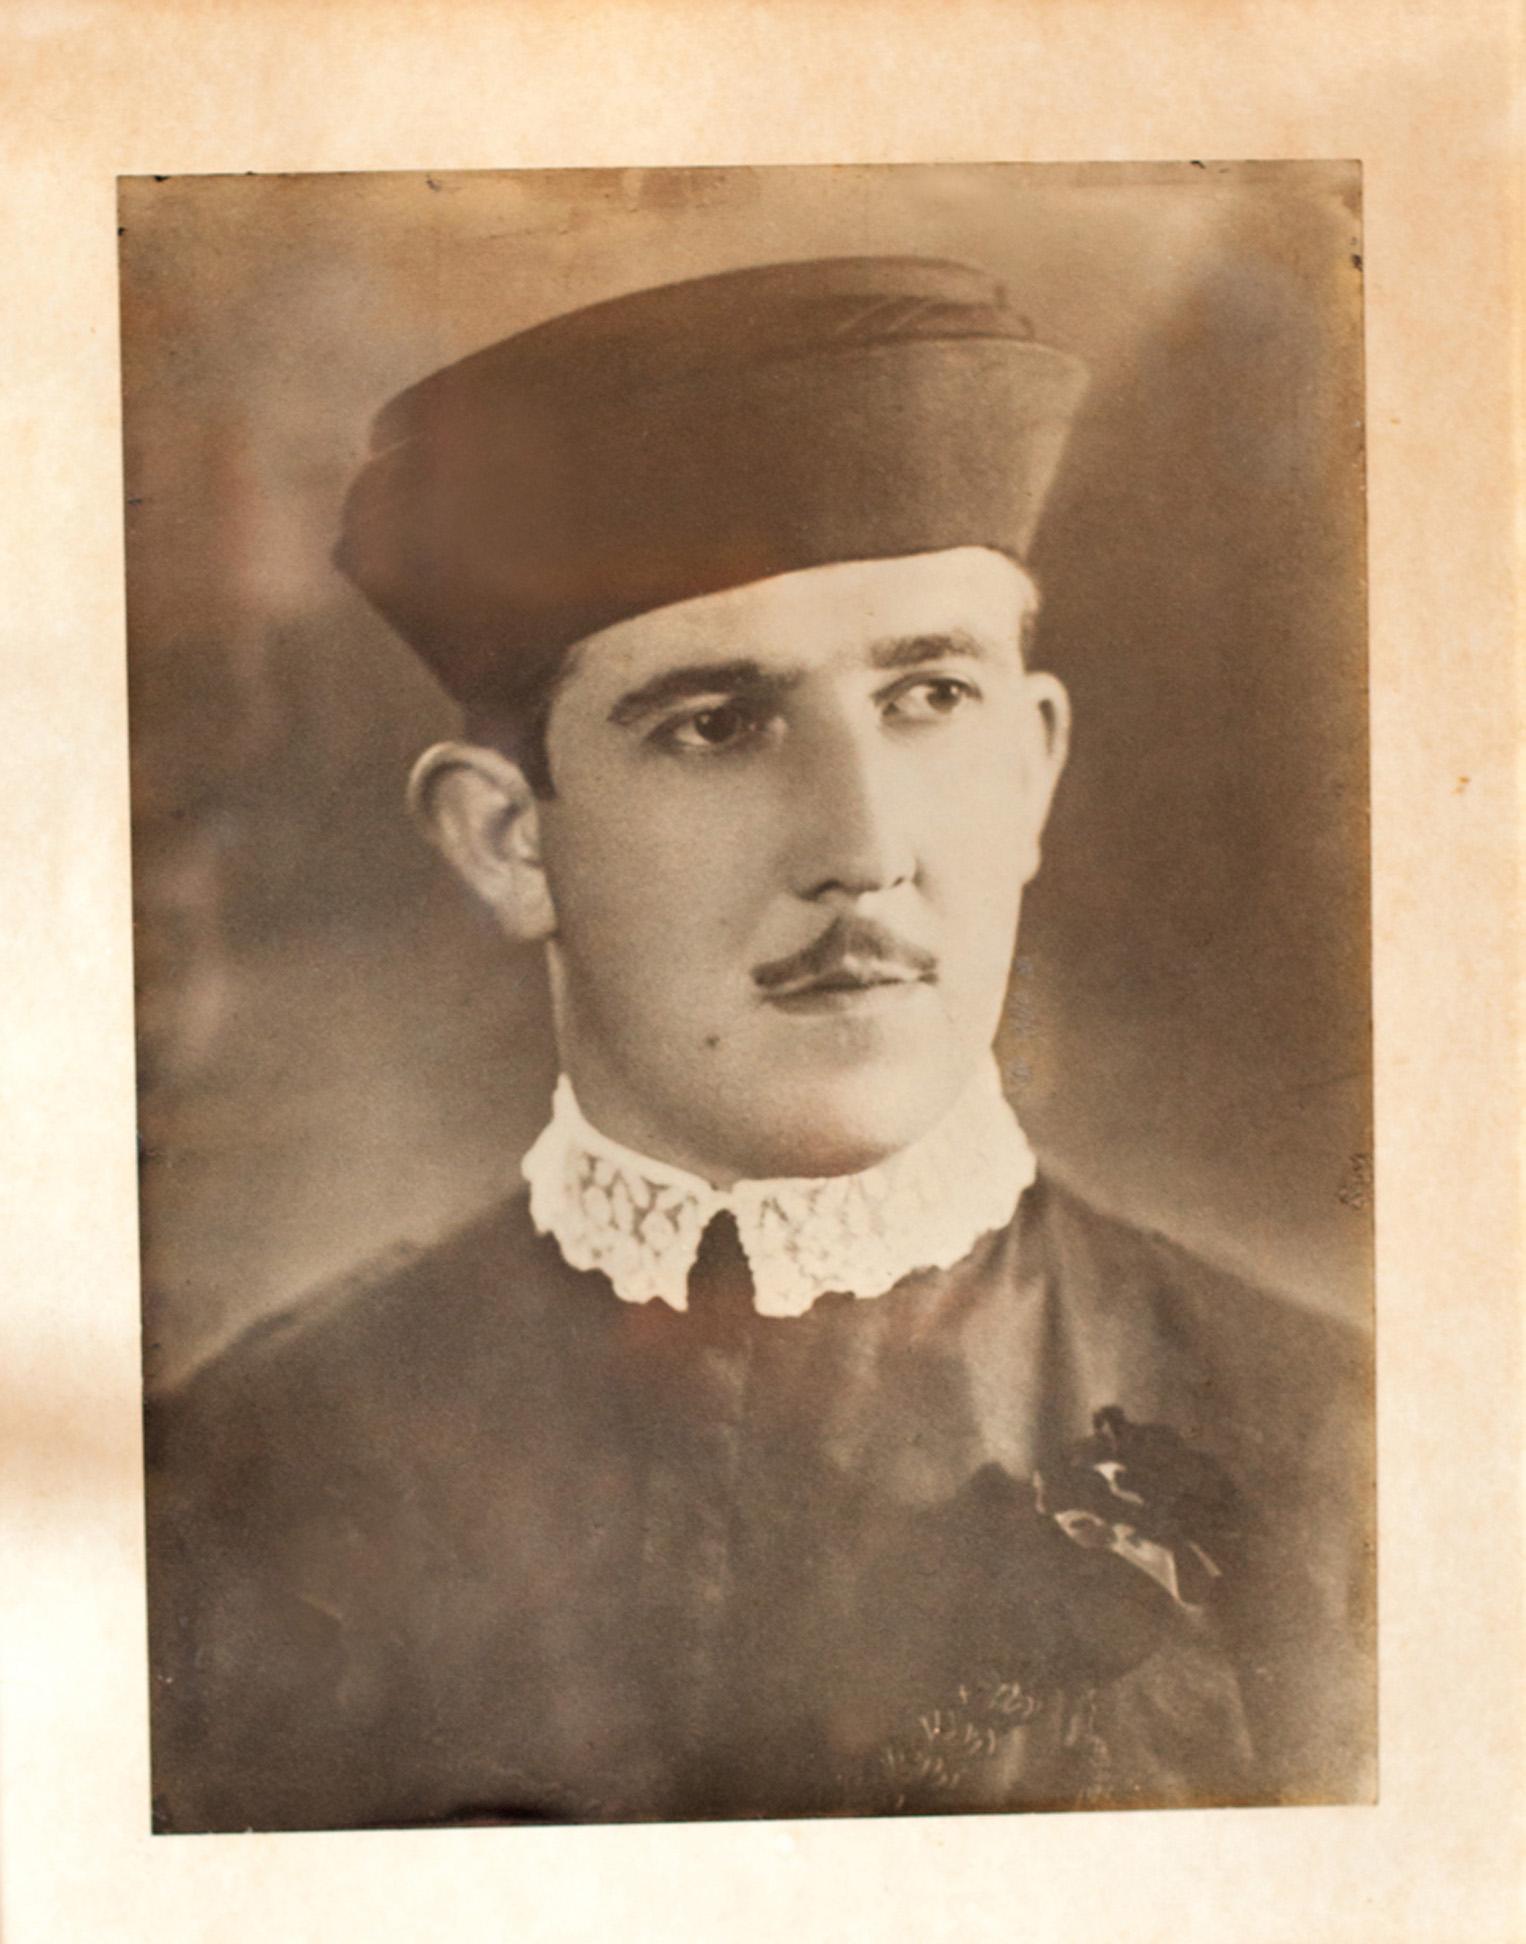 Retrato de formatura do pai, Cesar Dias Filho, de 1936